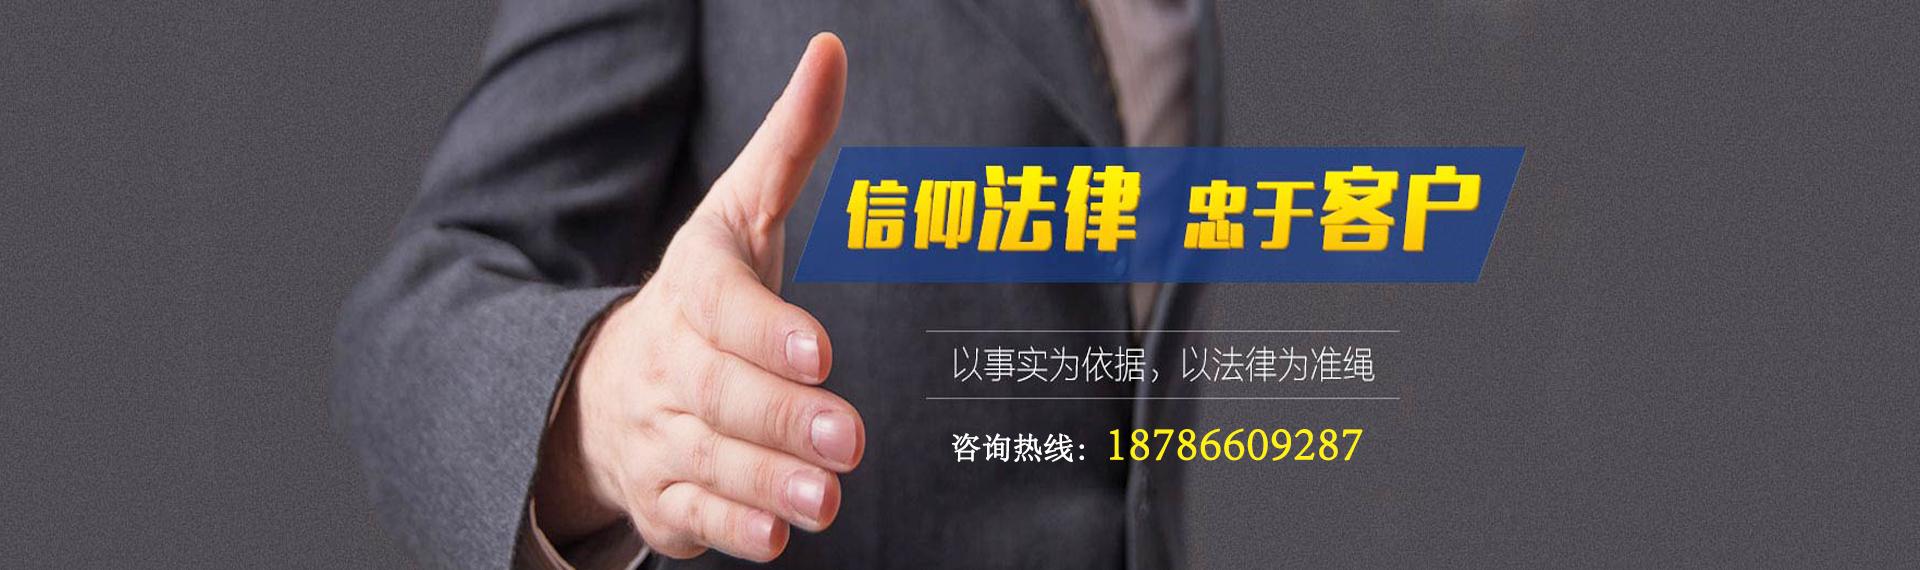 贵州诚合律师事务所【官网】